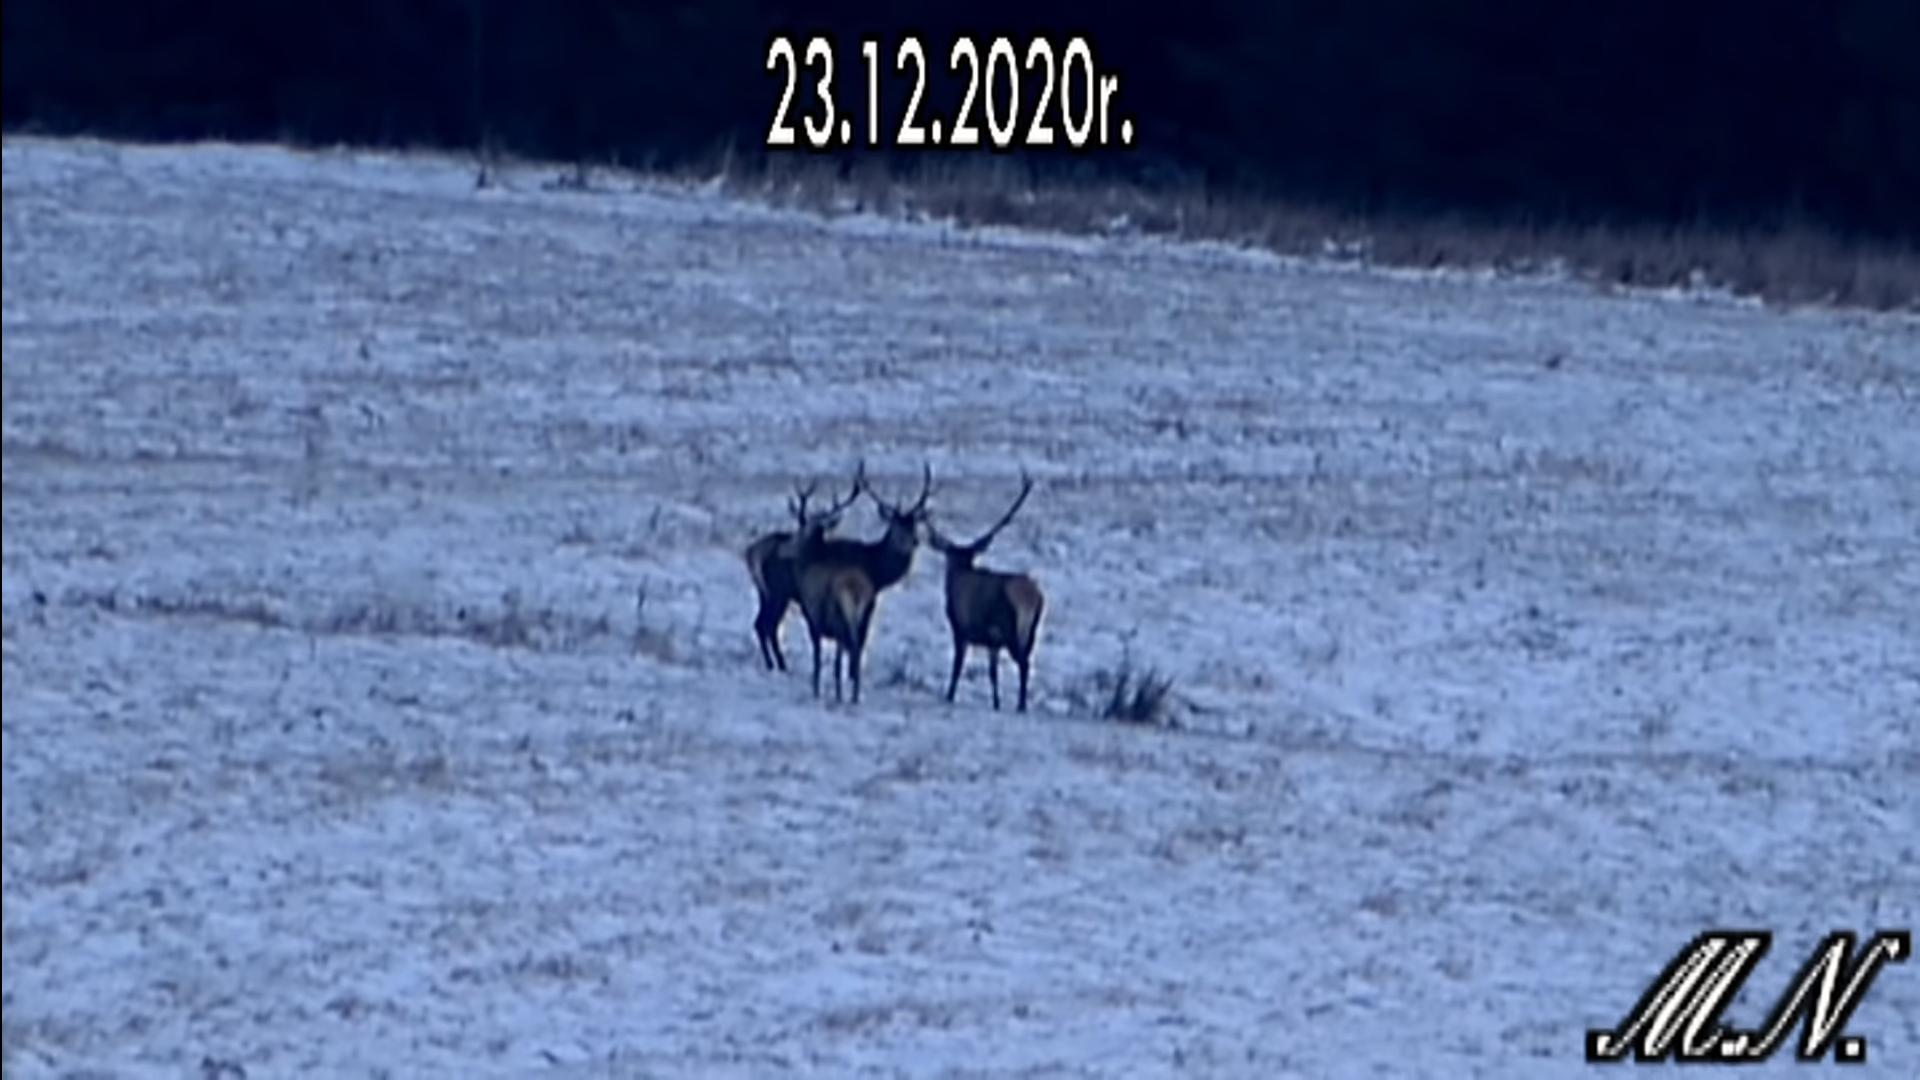 Trzy jelenie spotykają się w Bieszczadach - Zdjęcie główne